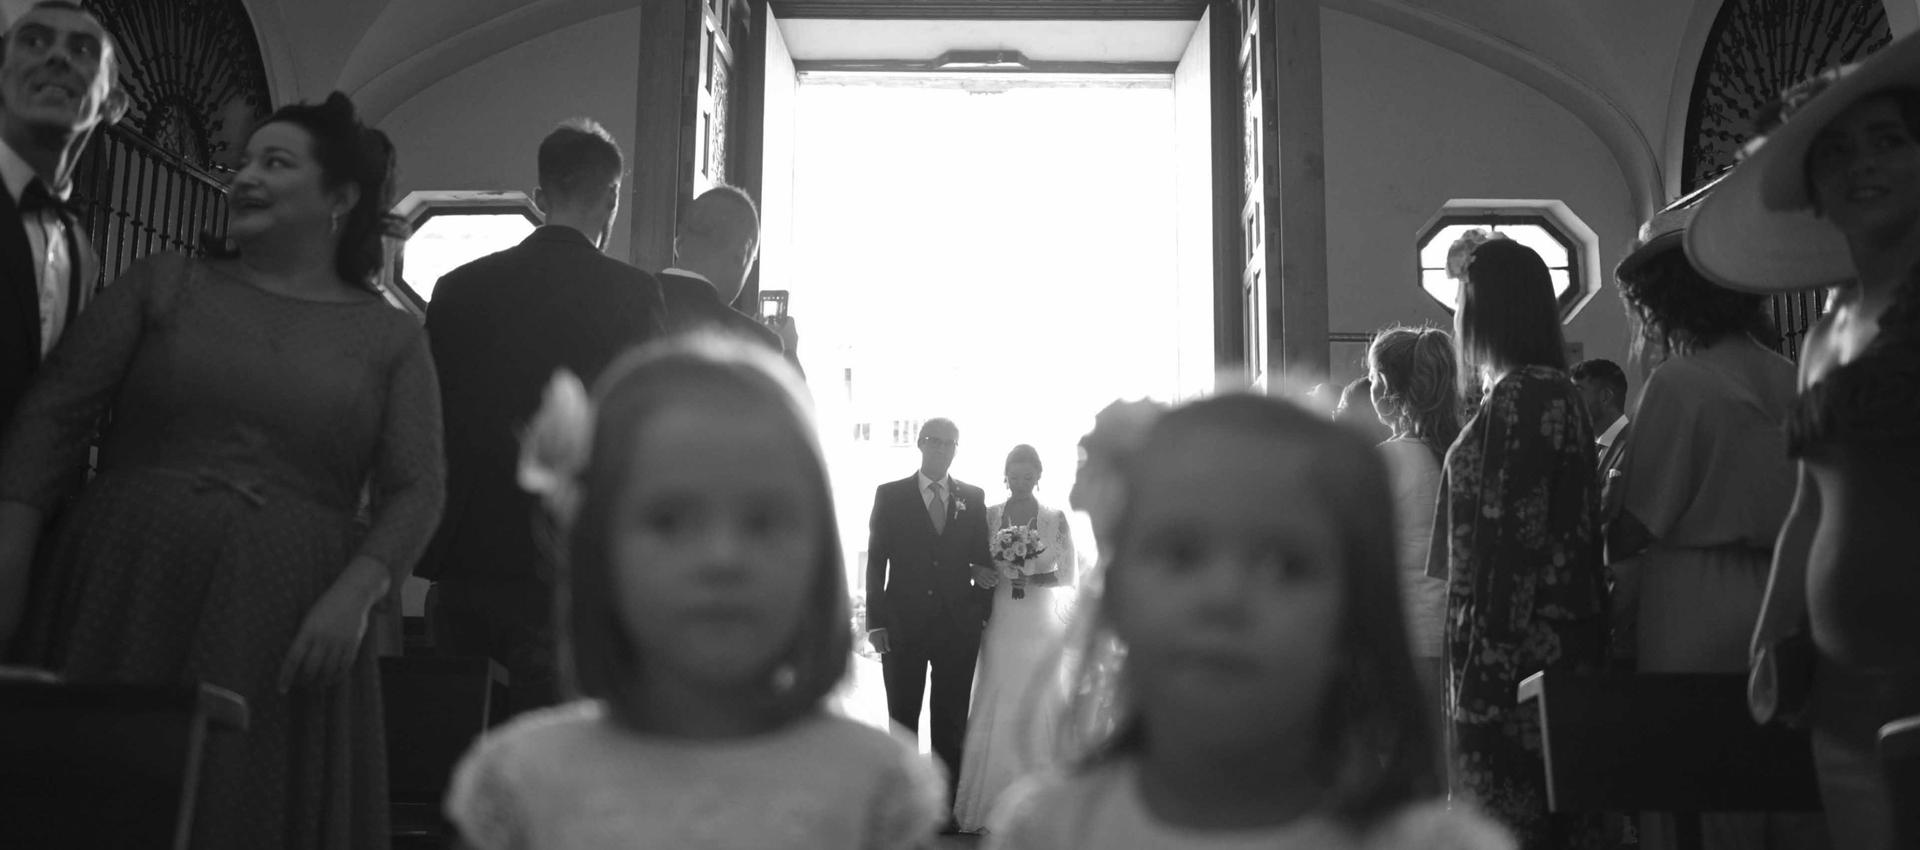 brenda-y-geni-portada-web Vídeo de boda - video boda cadiz